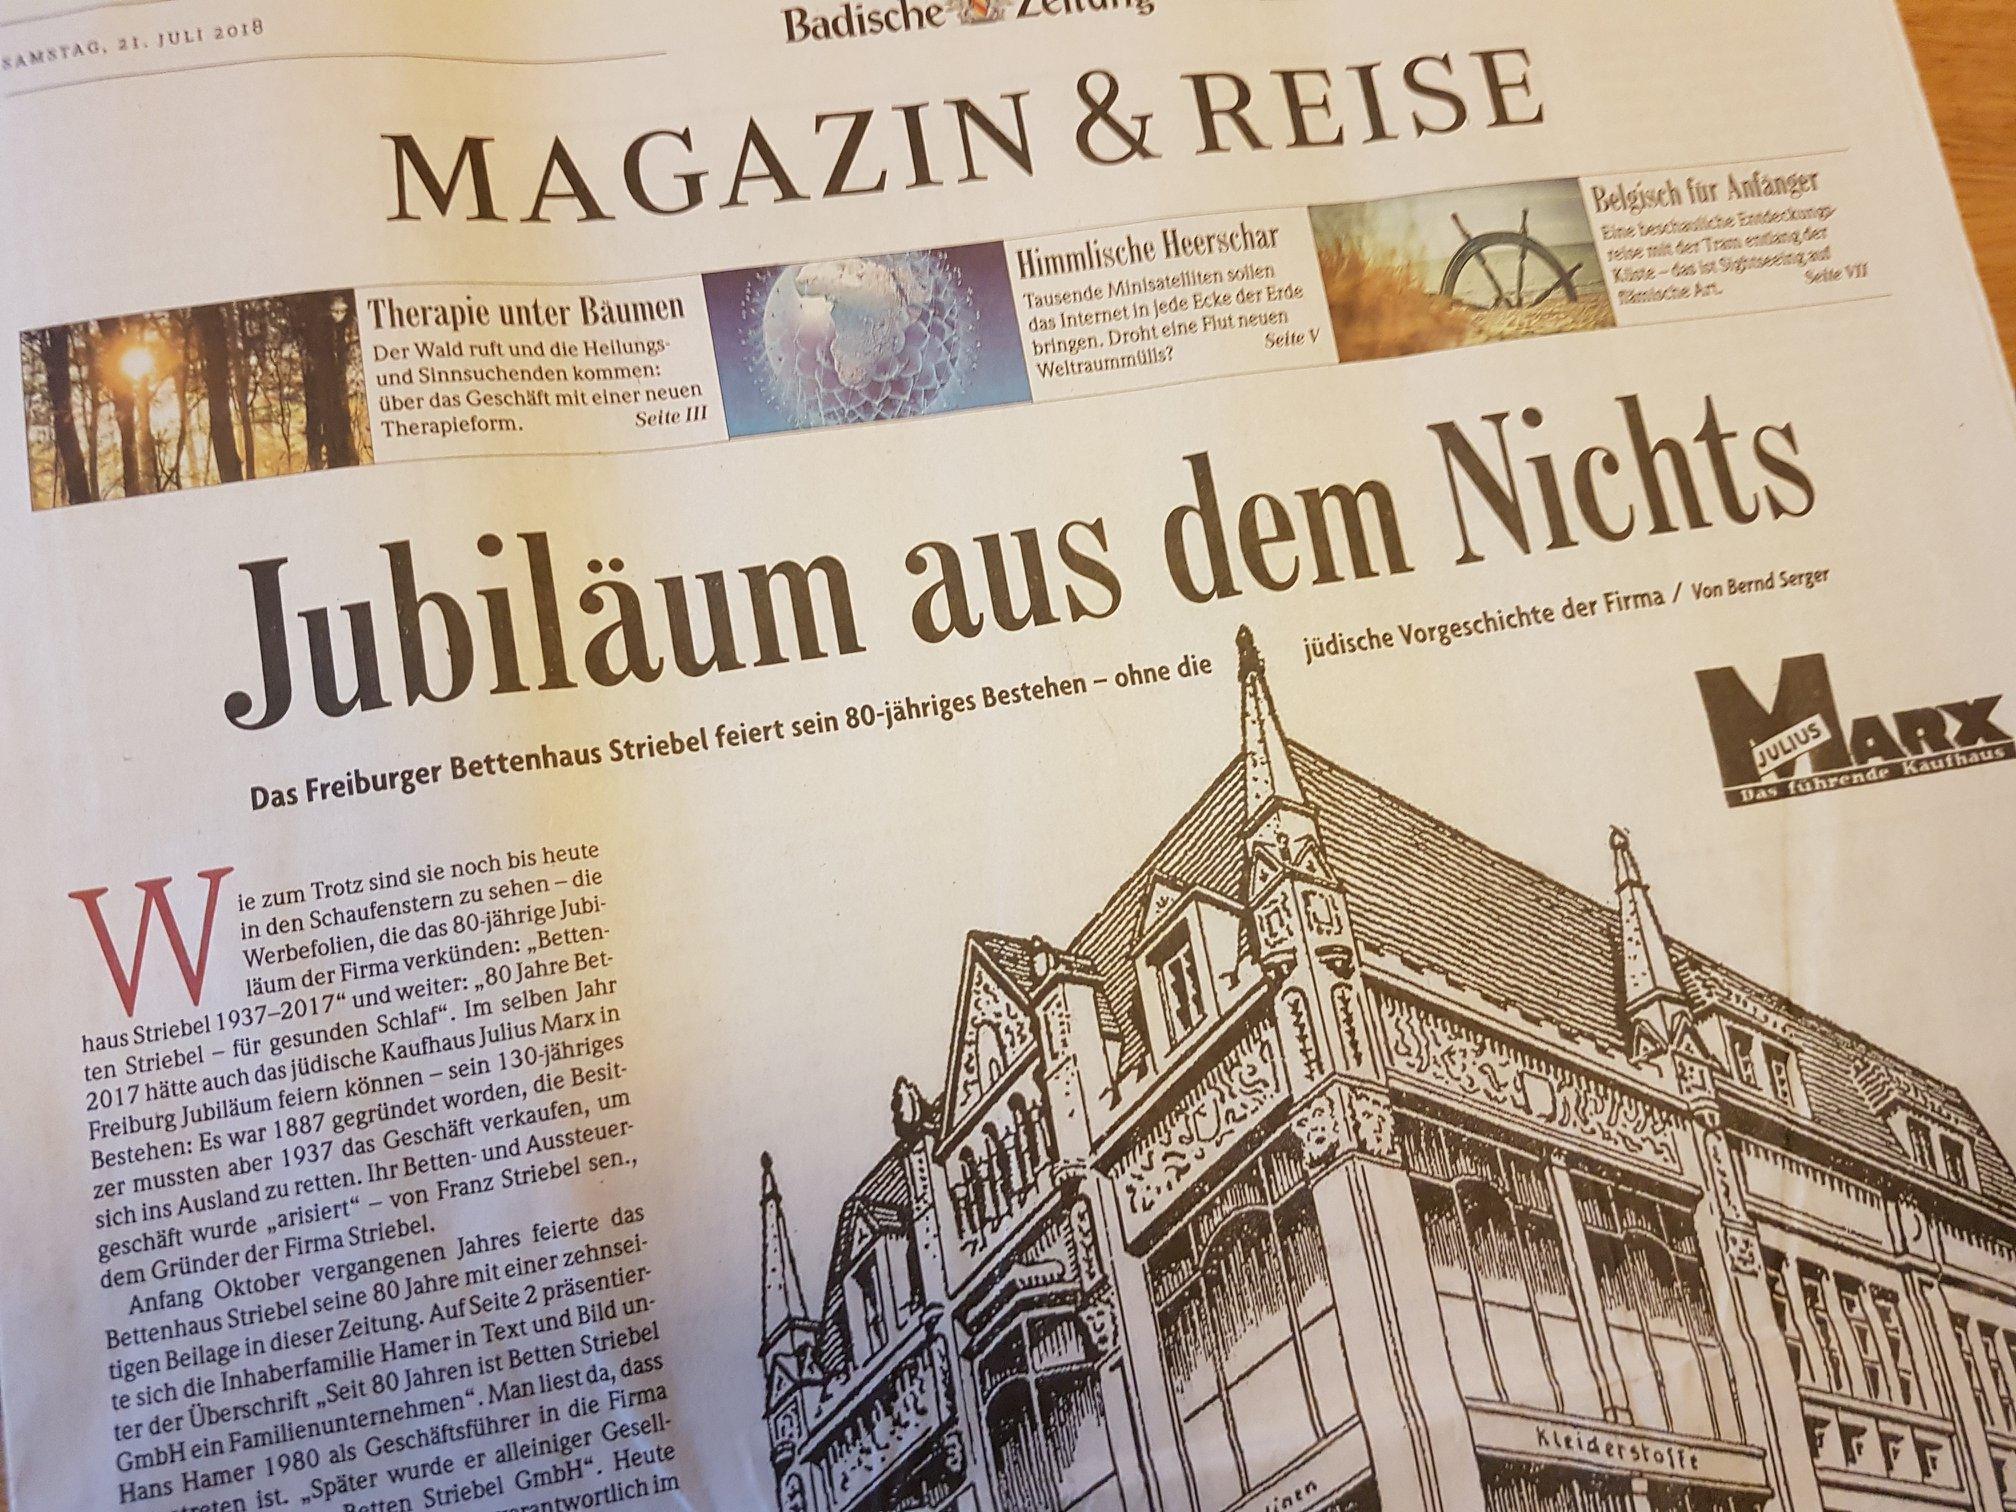 Badische Zeitung: Dieser Artikel war Stein des Anstoßes.